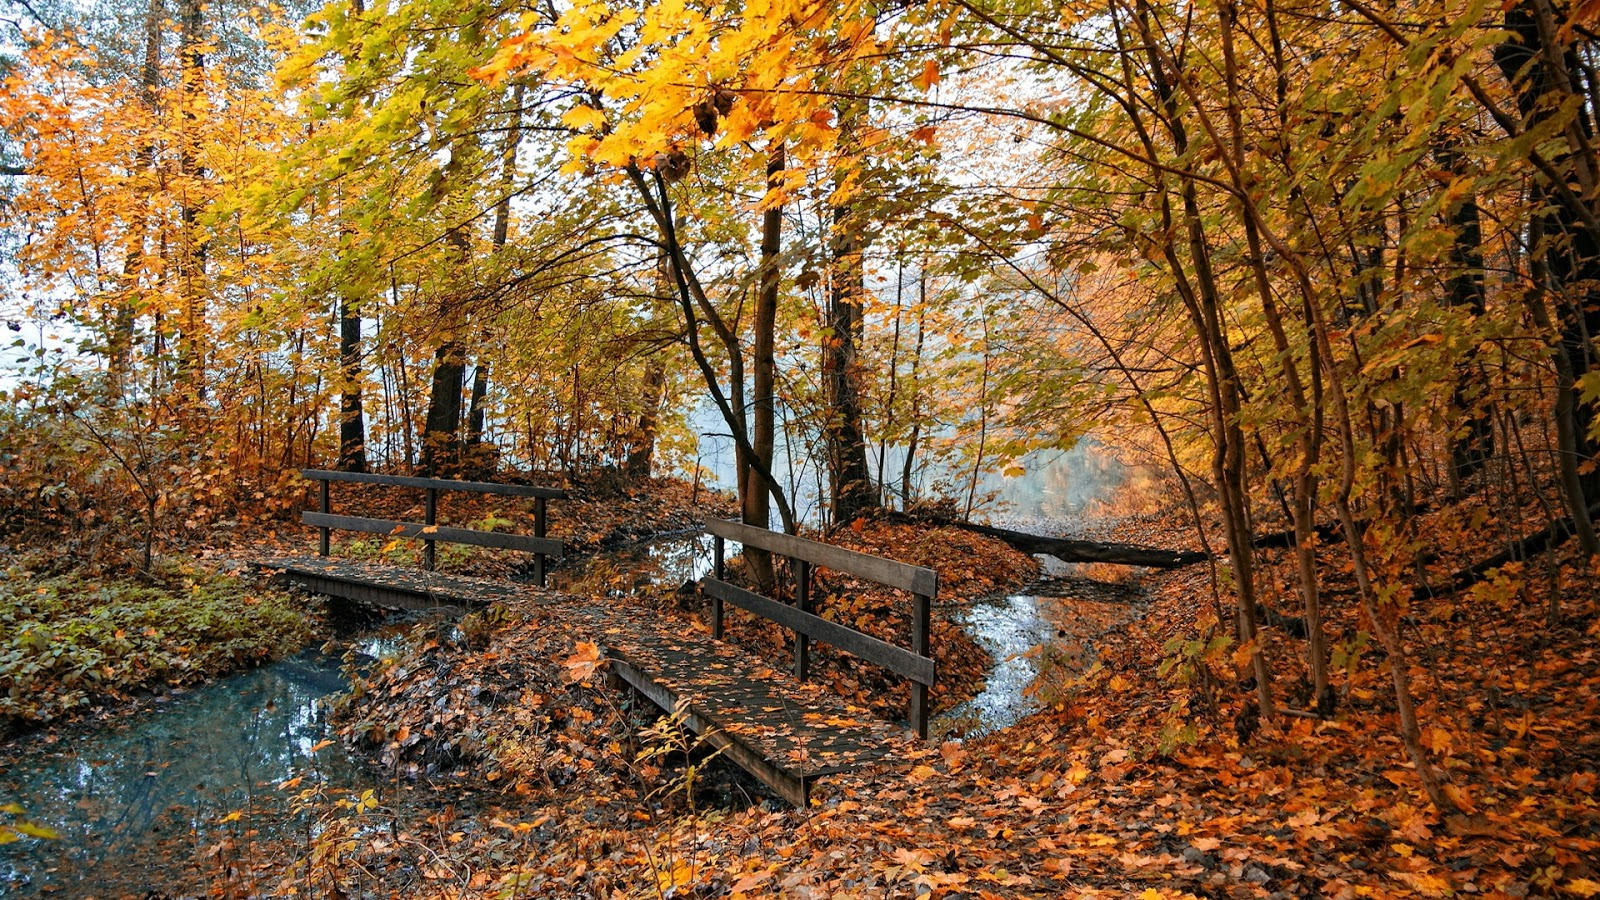 Autumn Little Wooden Bridge